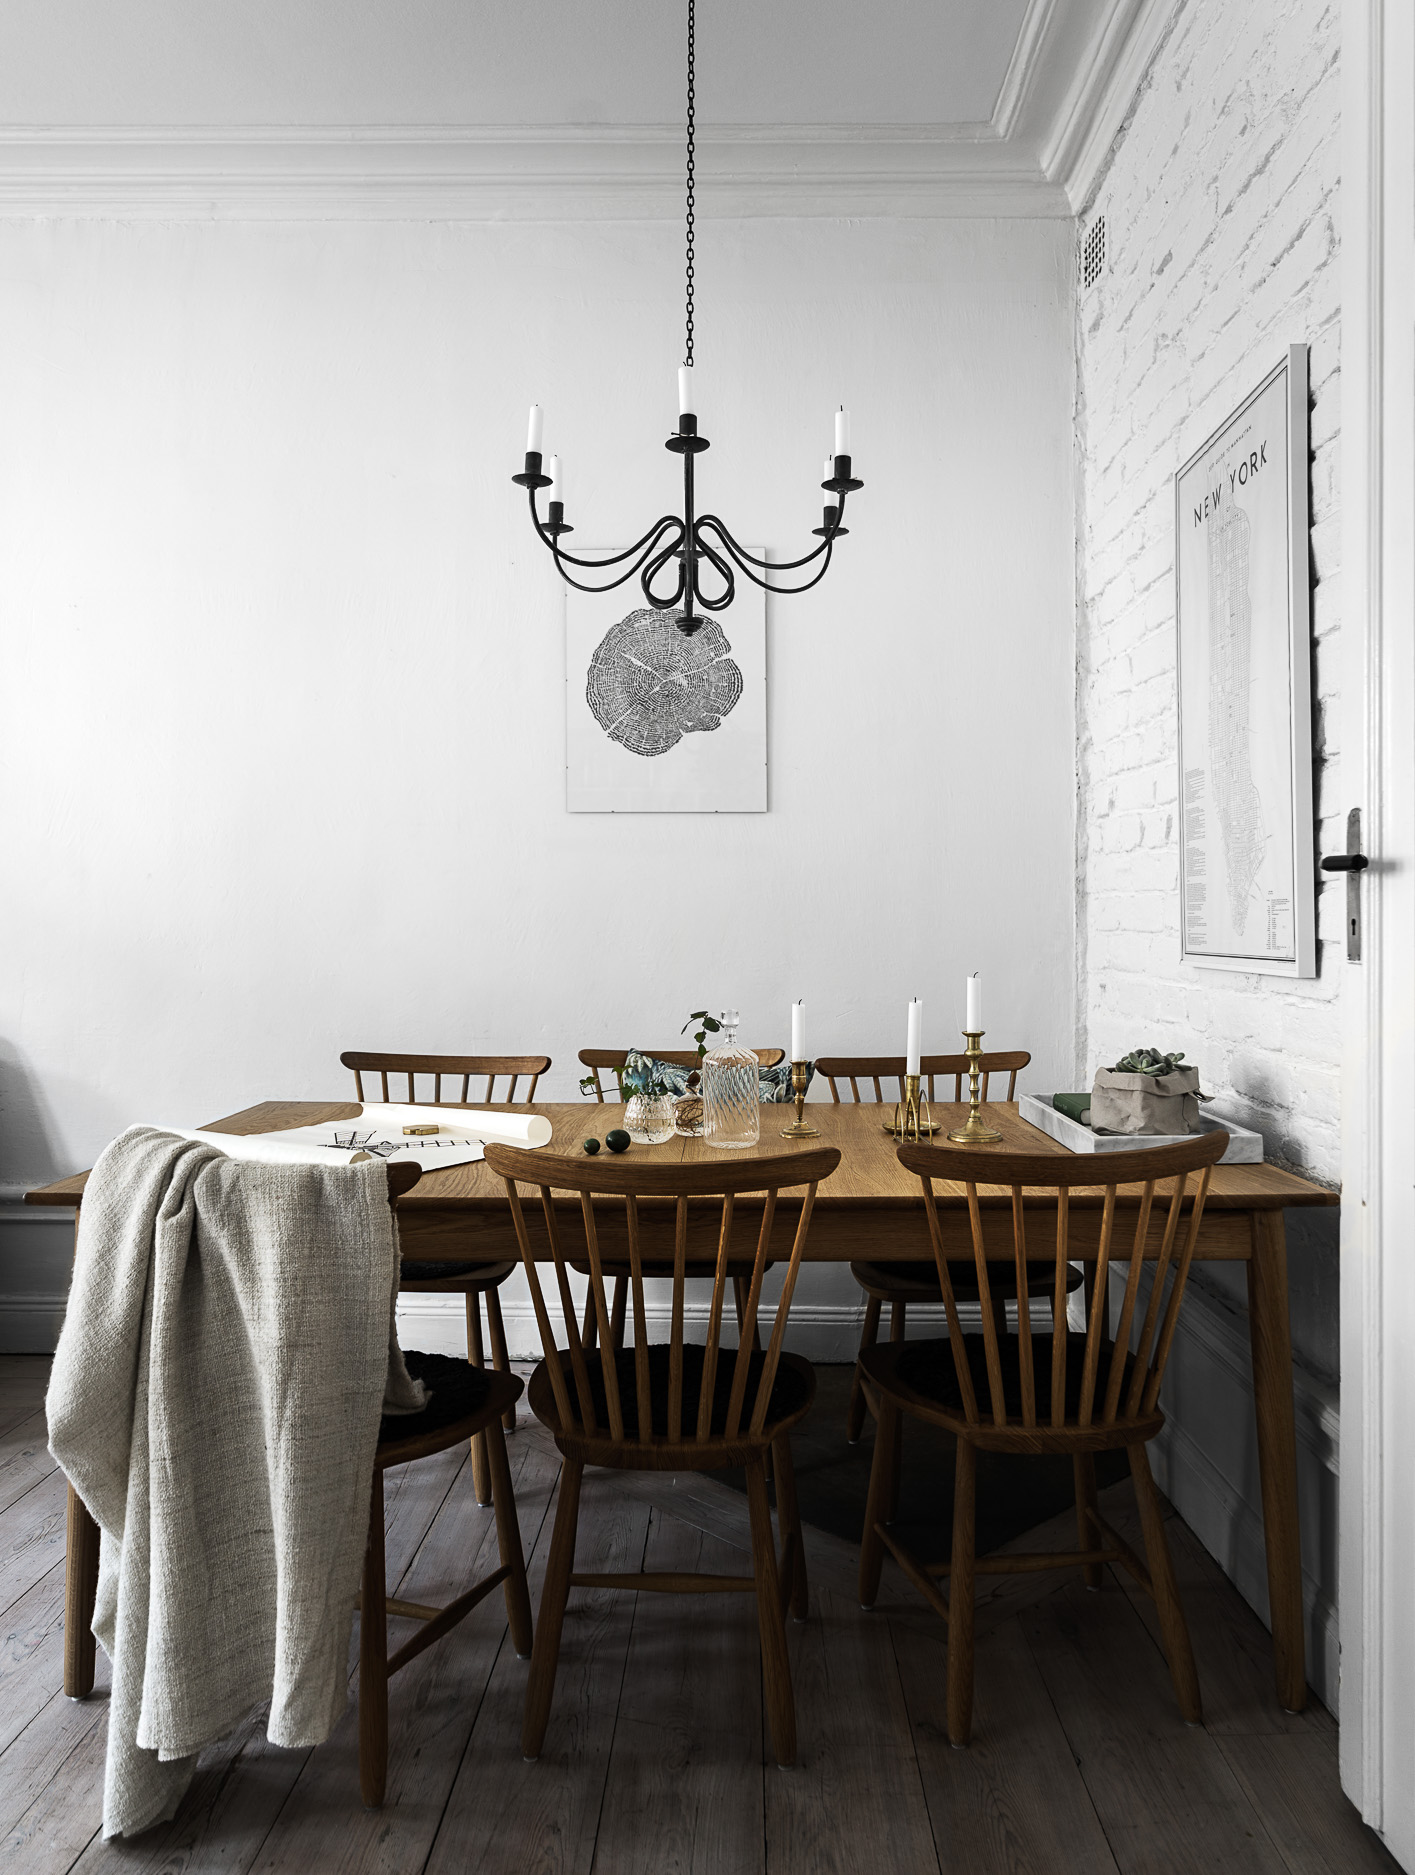 гостиная обеденный стол люстра над столом